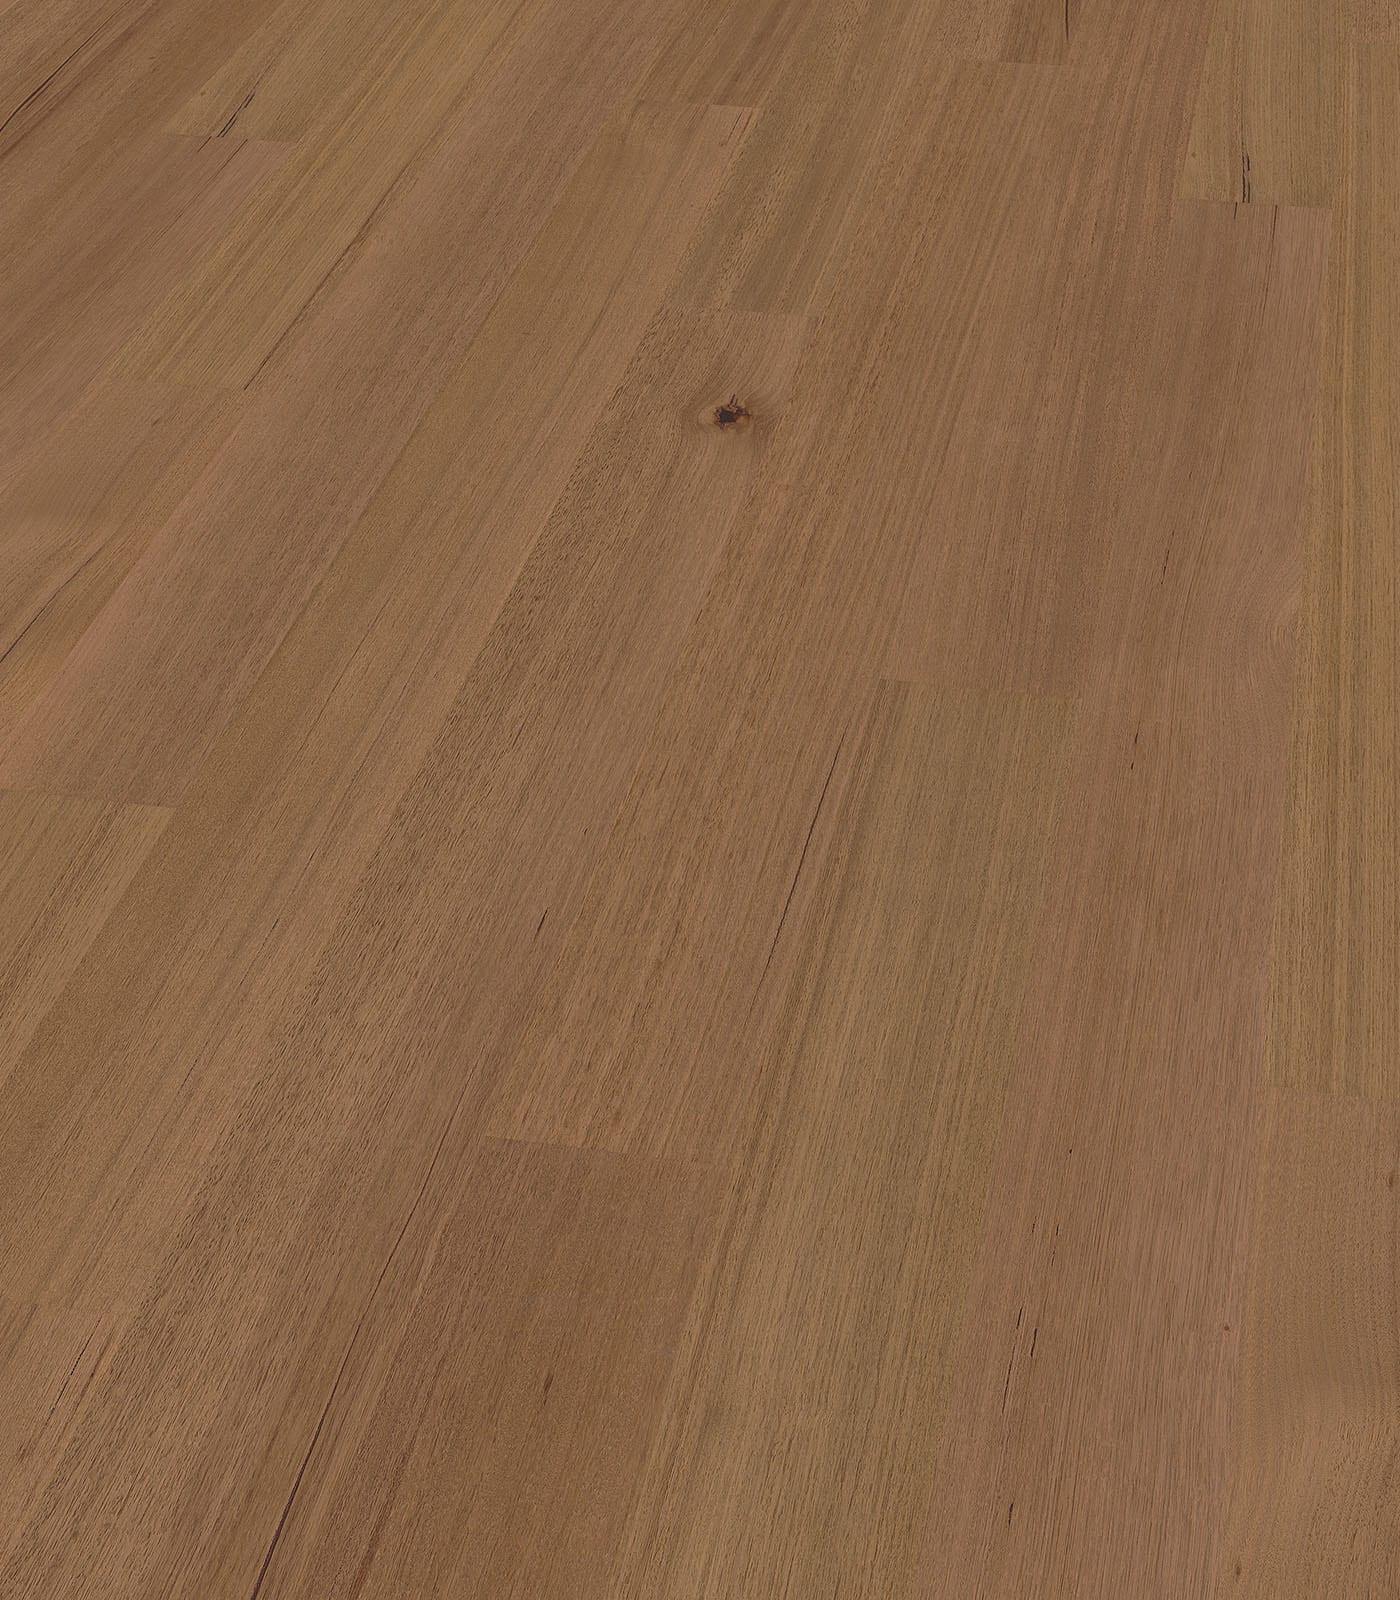 Bunbury-Tasmanian Oak engineered flooring-angle